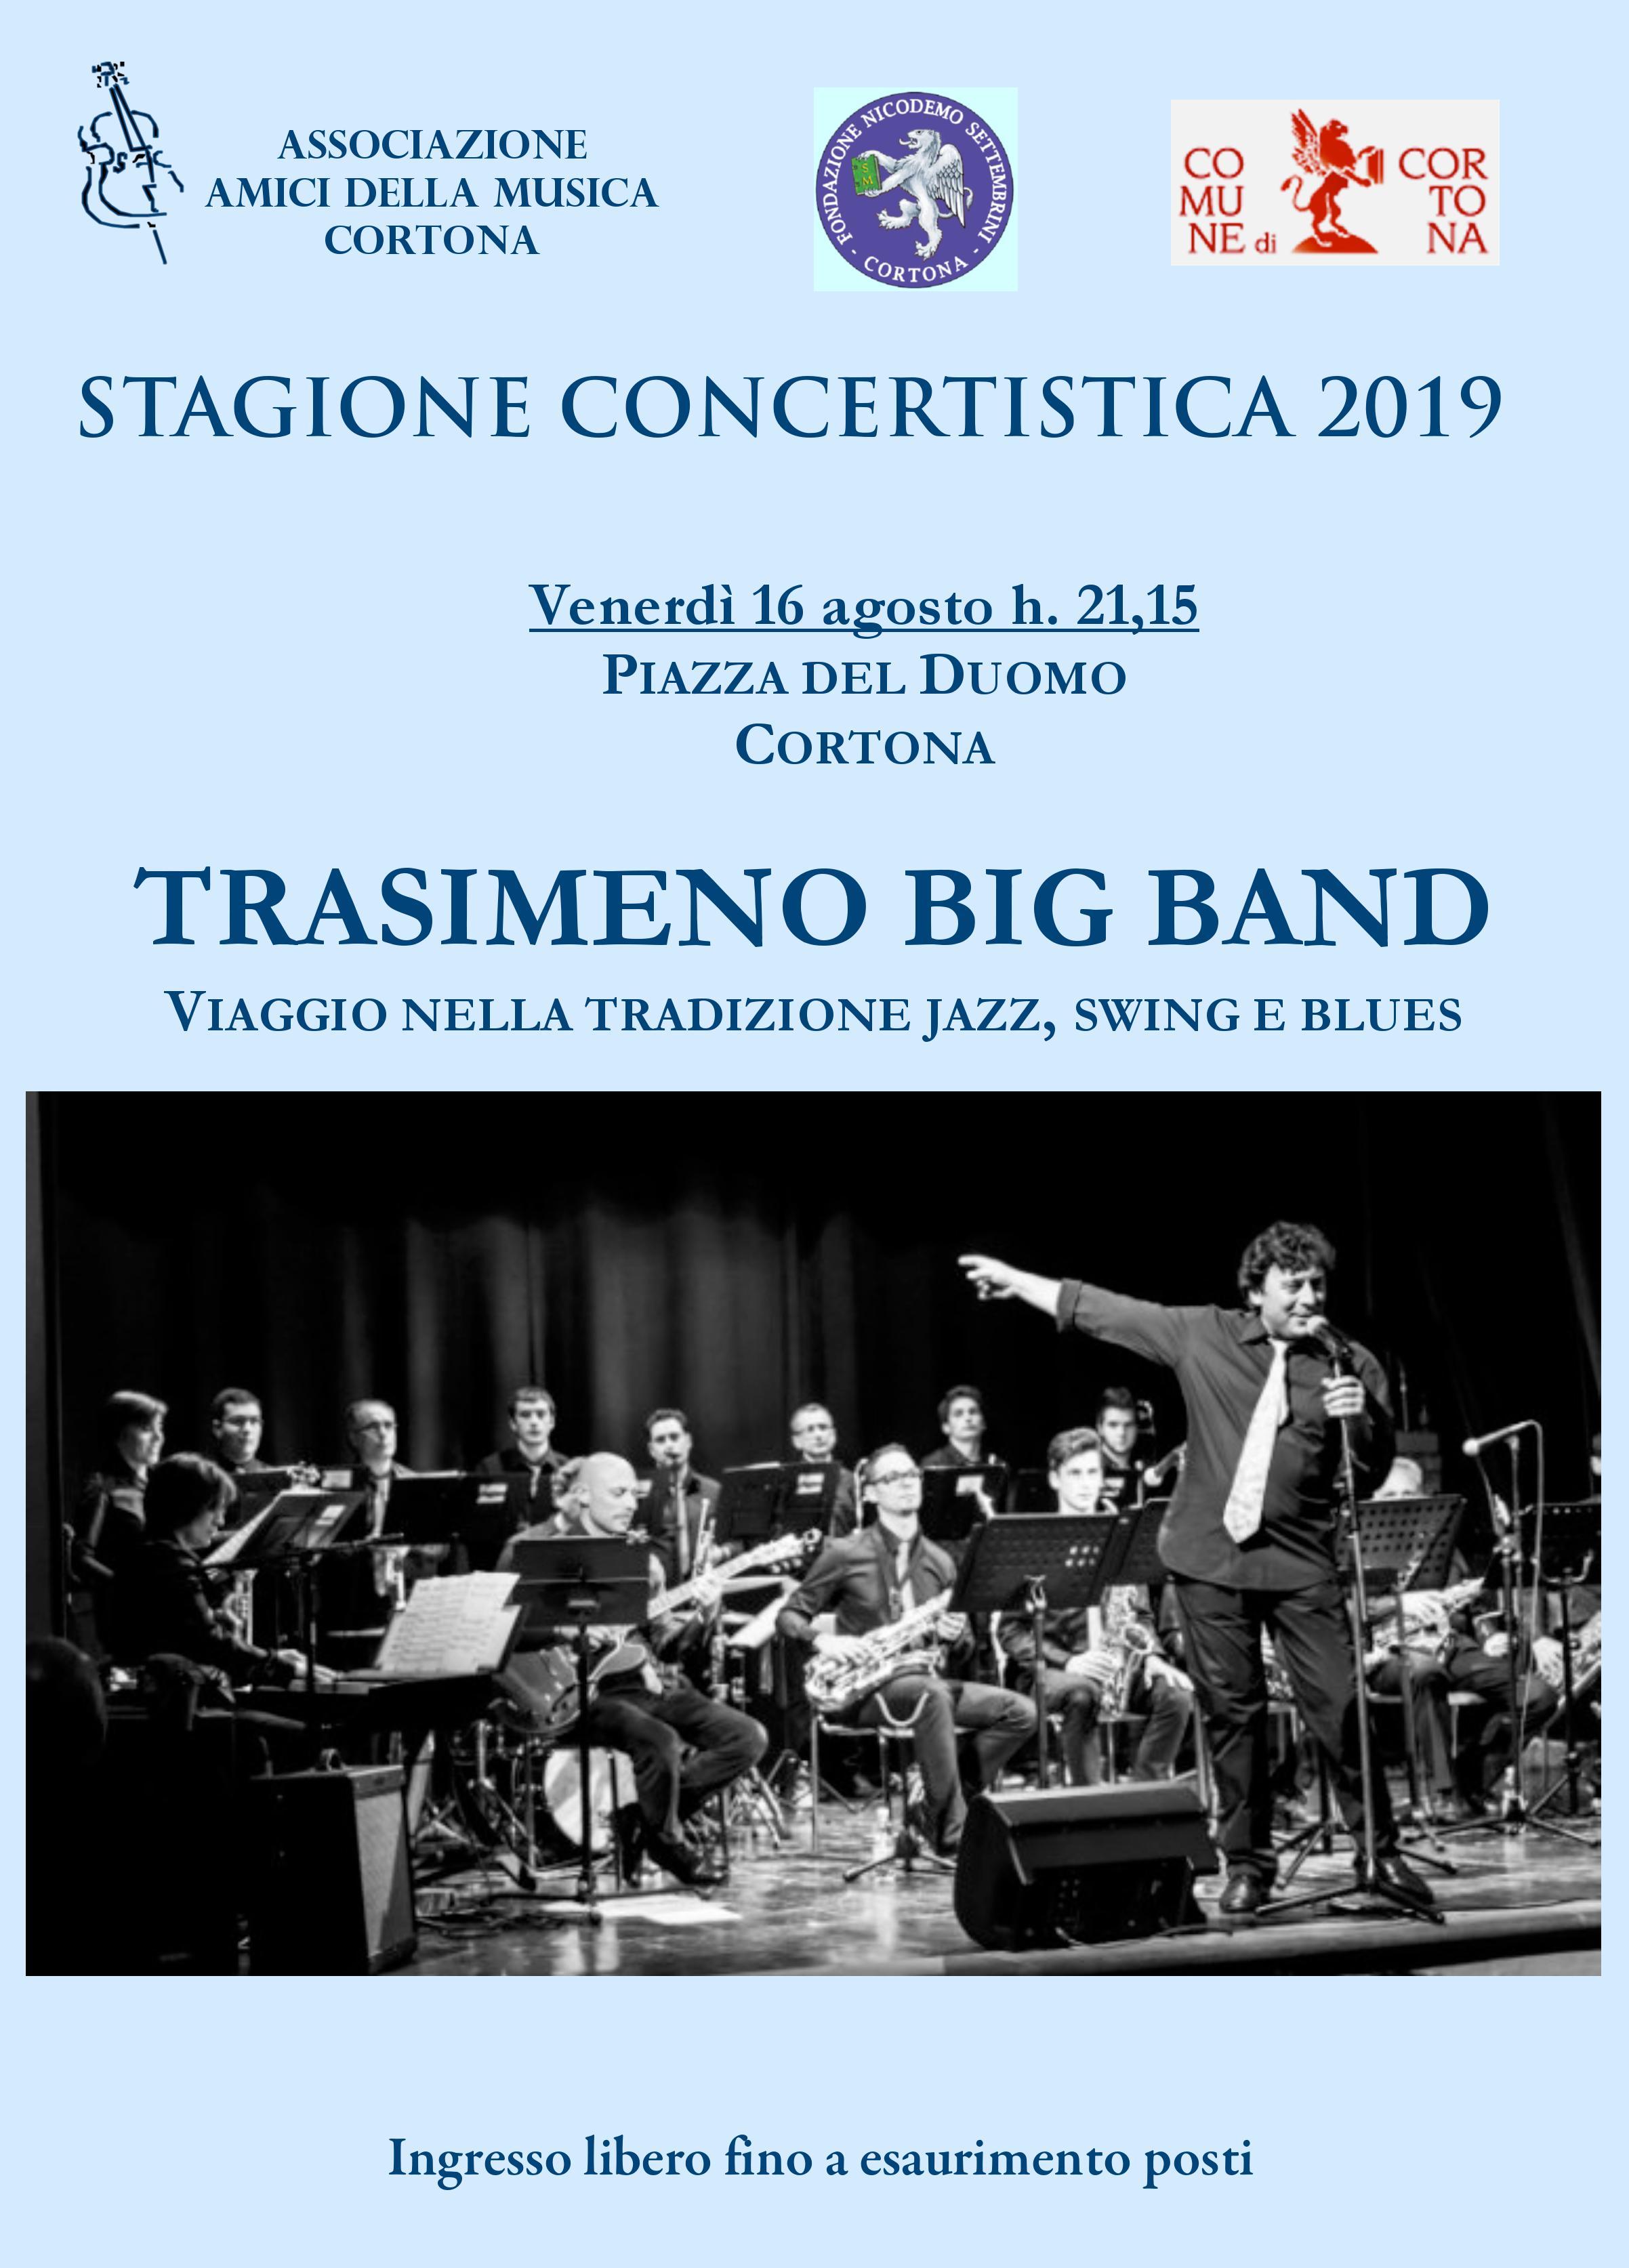 Trasimeno Big Band in Piazza del Duomo a Cortona